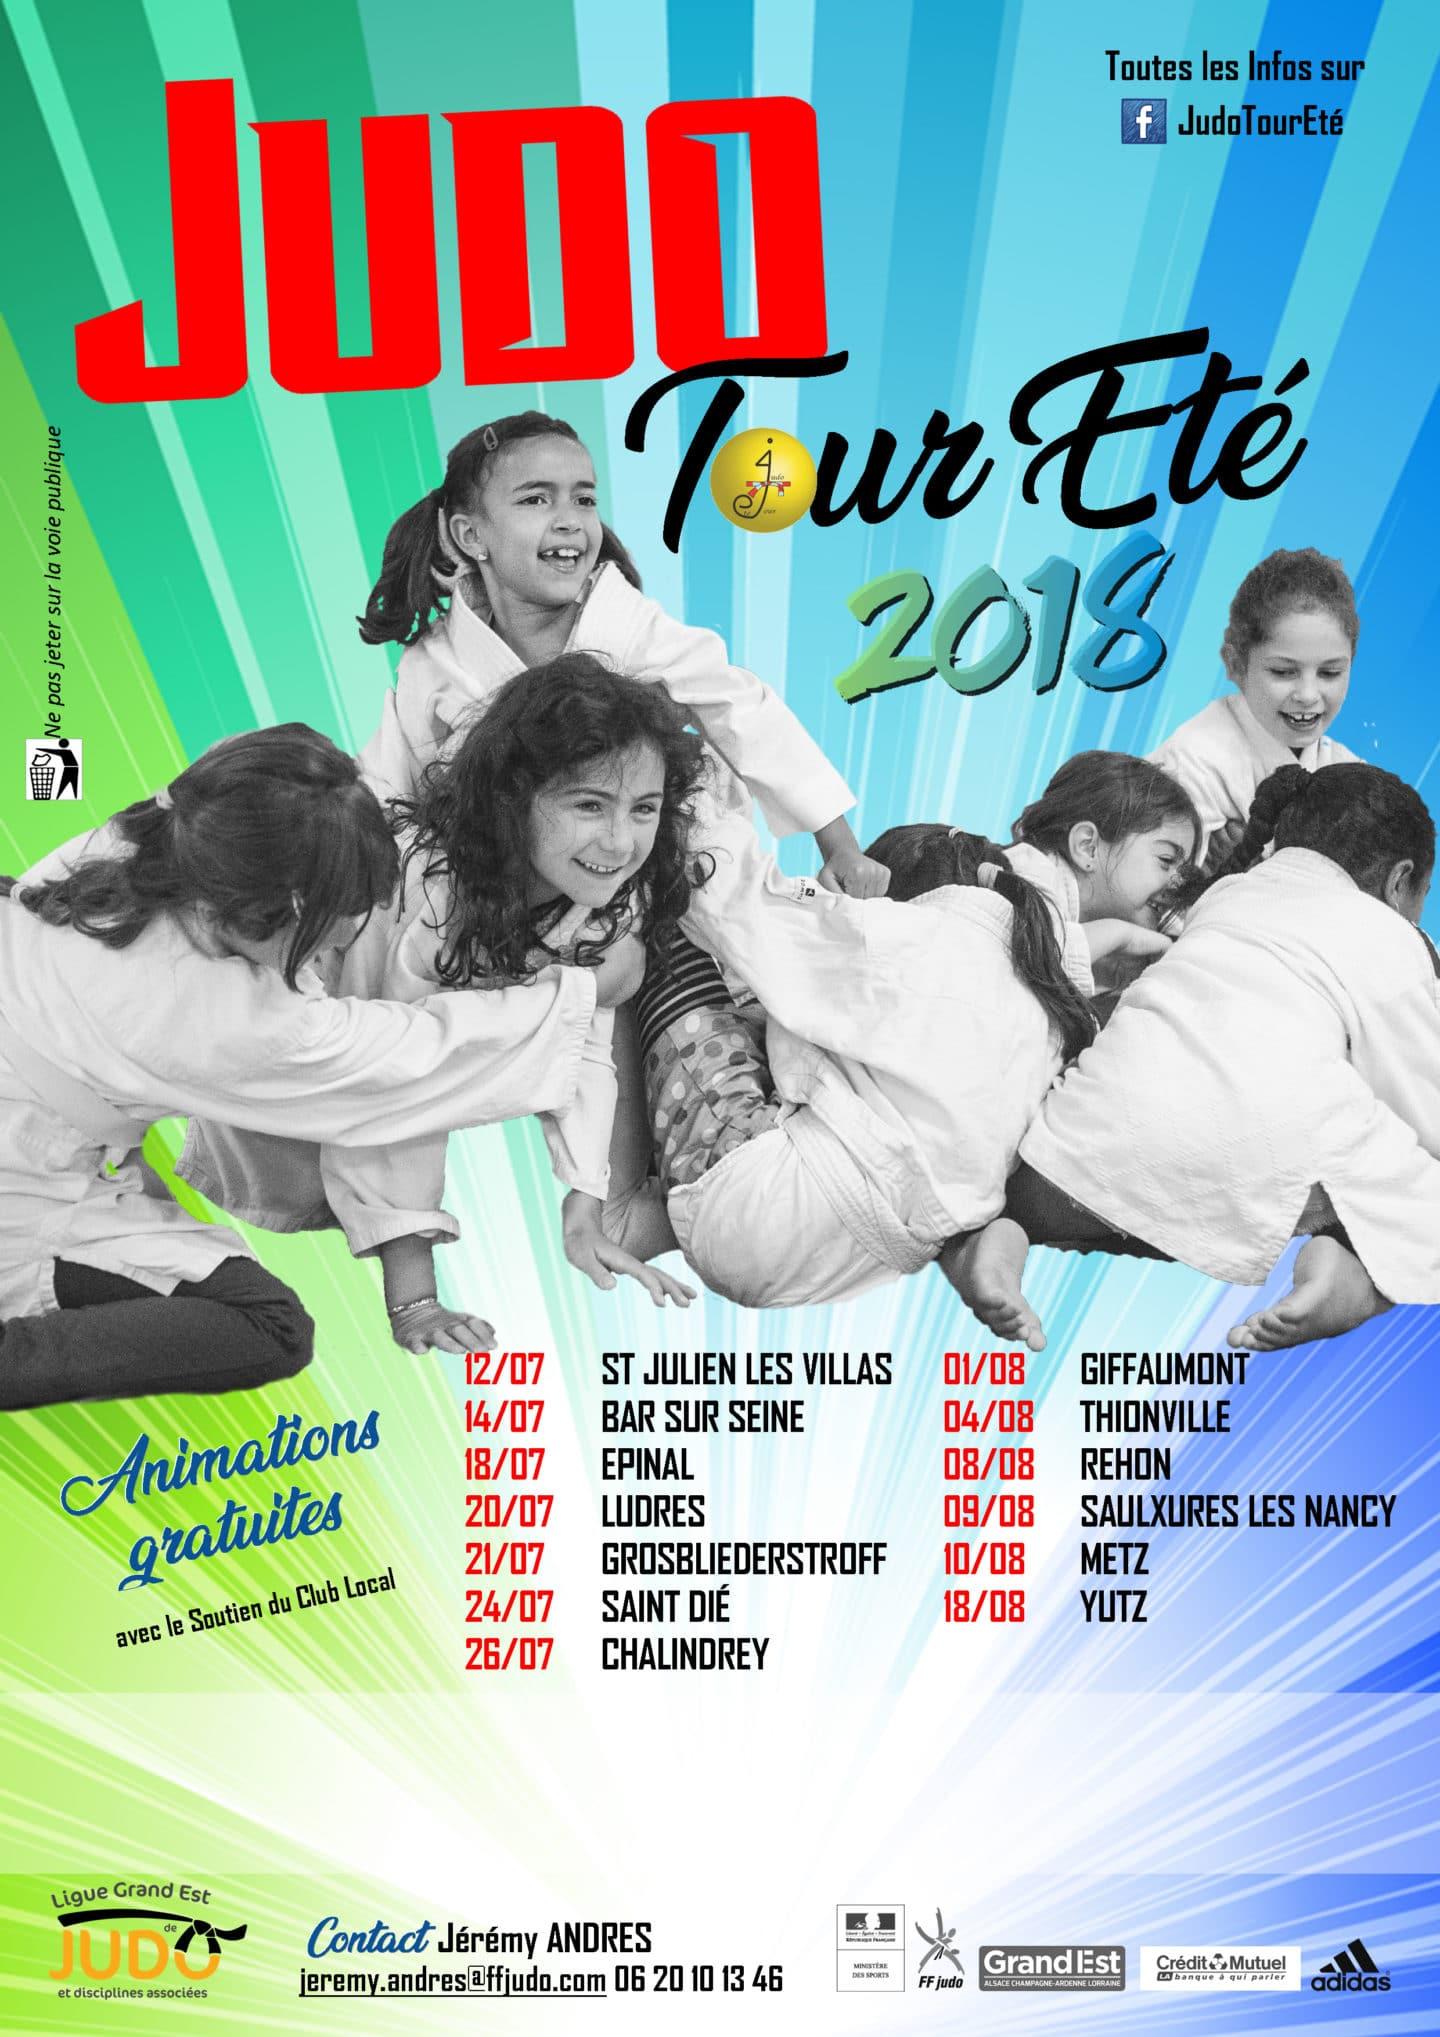 judo-tour-ete-2018